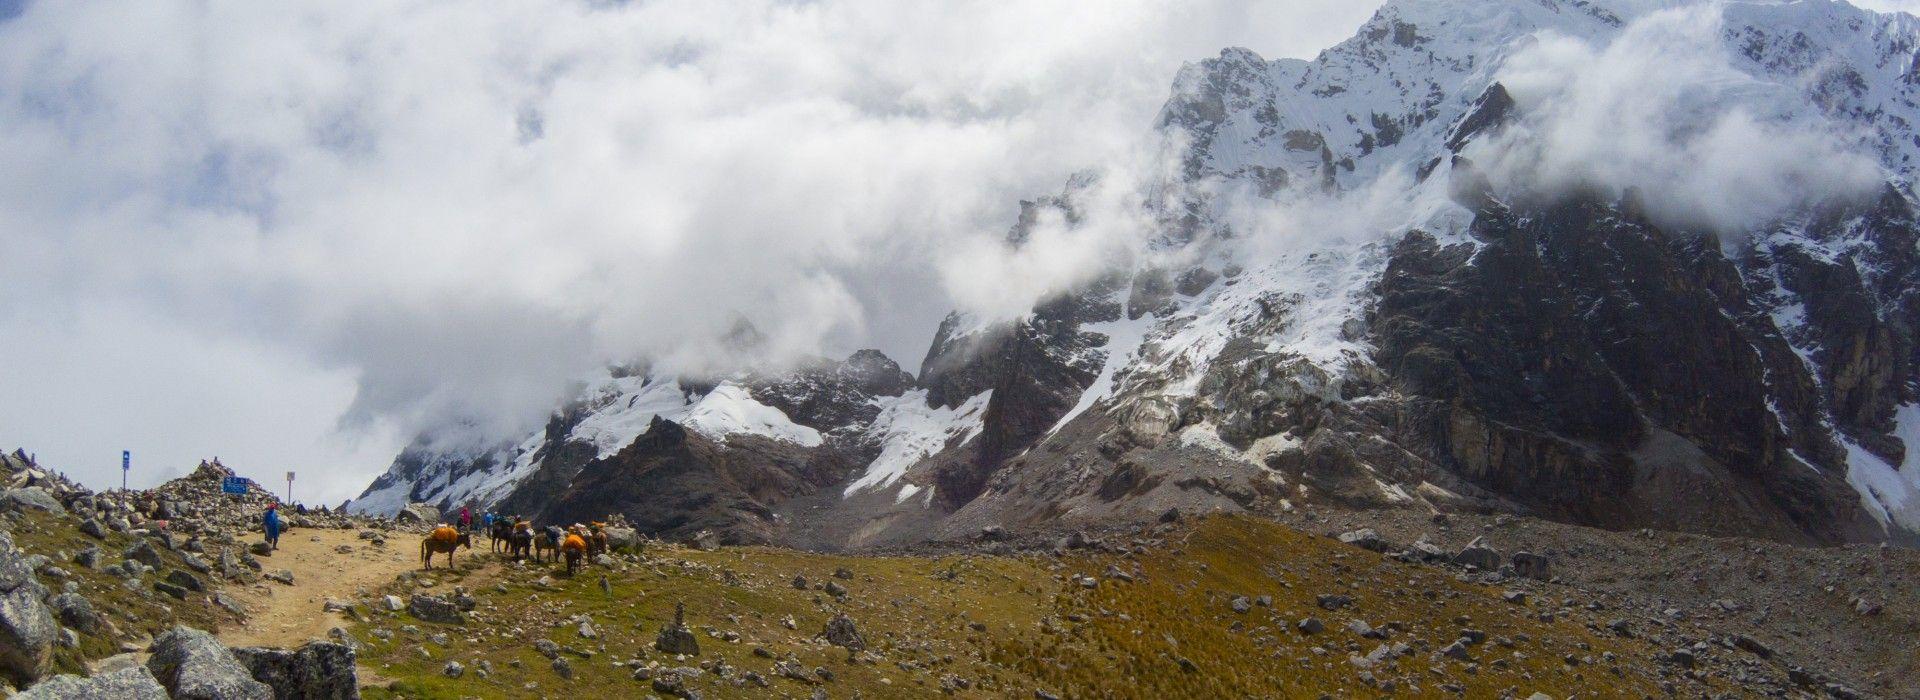 Explorer Tours in Puno